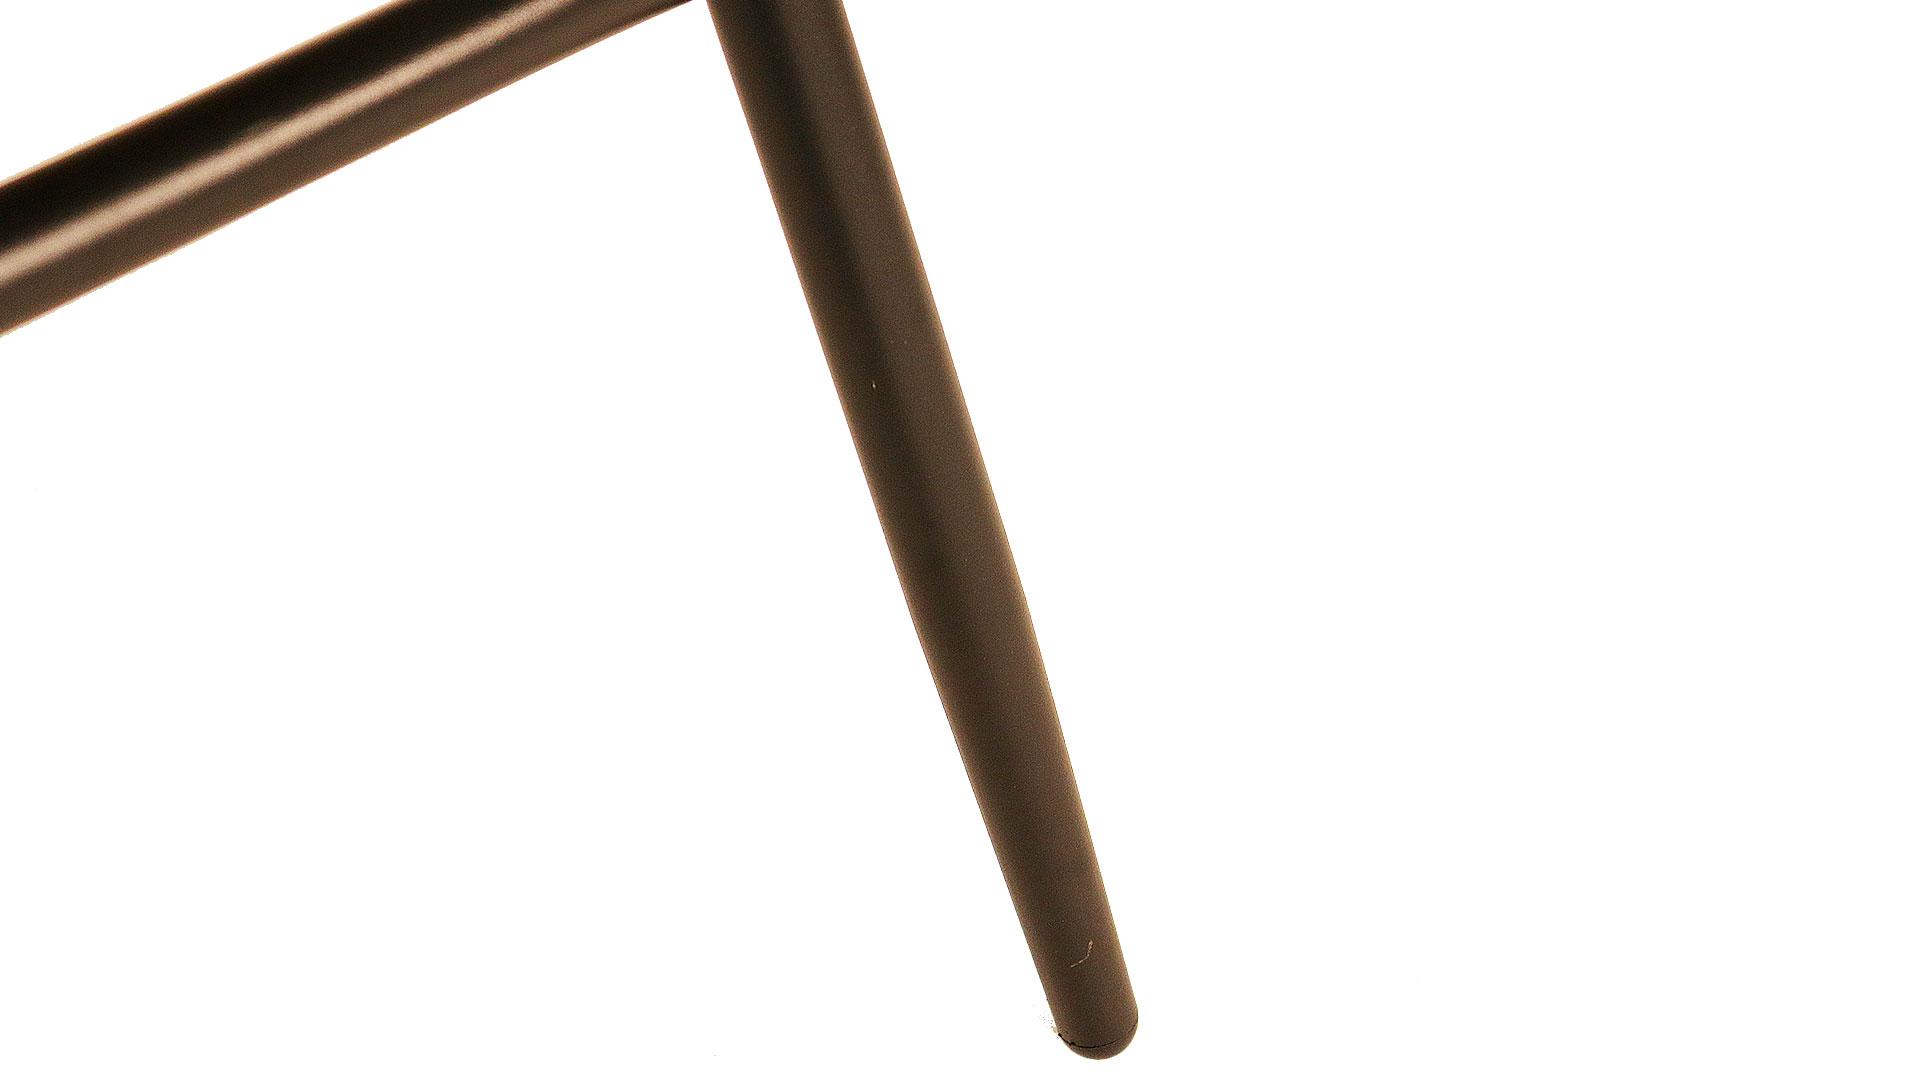 東馬のガーデンファニチャー。オーバルチェア、リゾネアの外用の椅子の脚のアップの画像